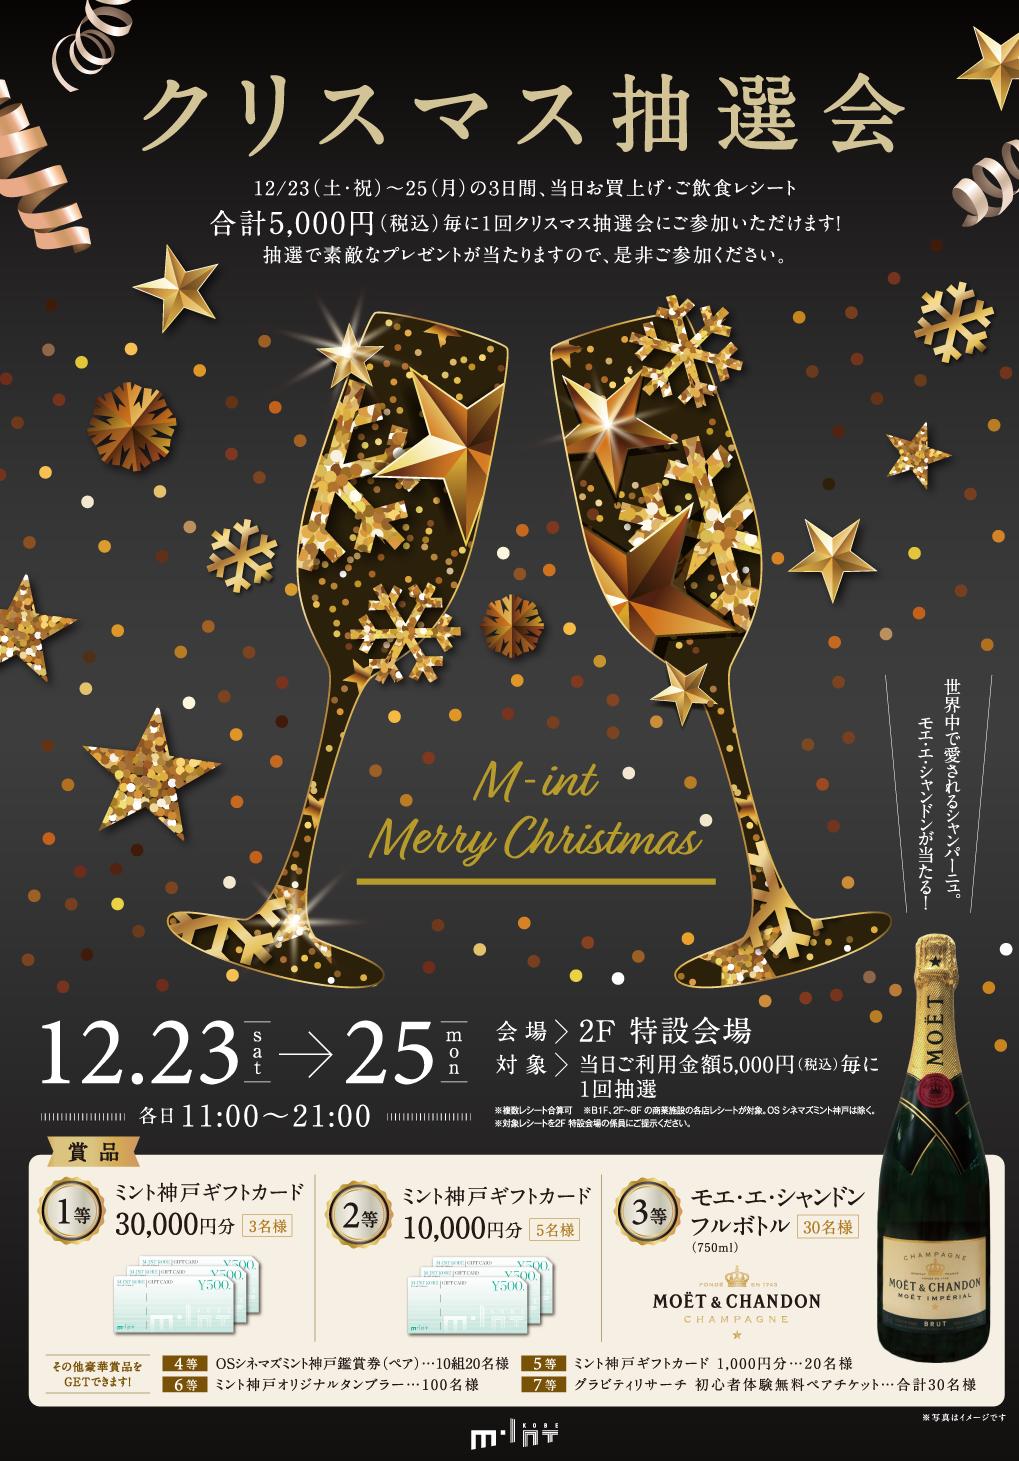 ★クリスマス抽選会B1ol